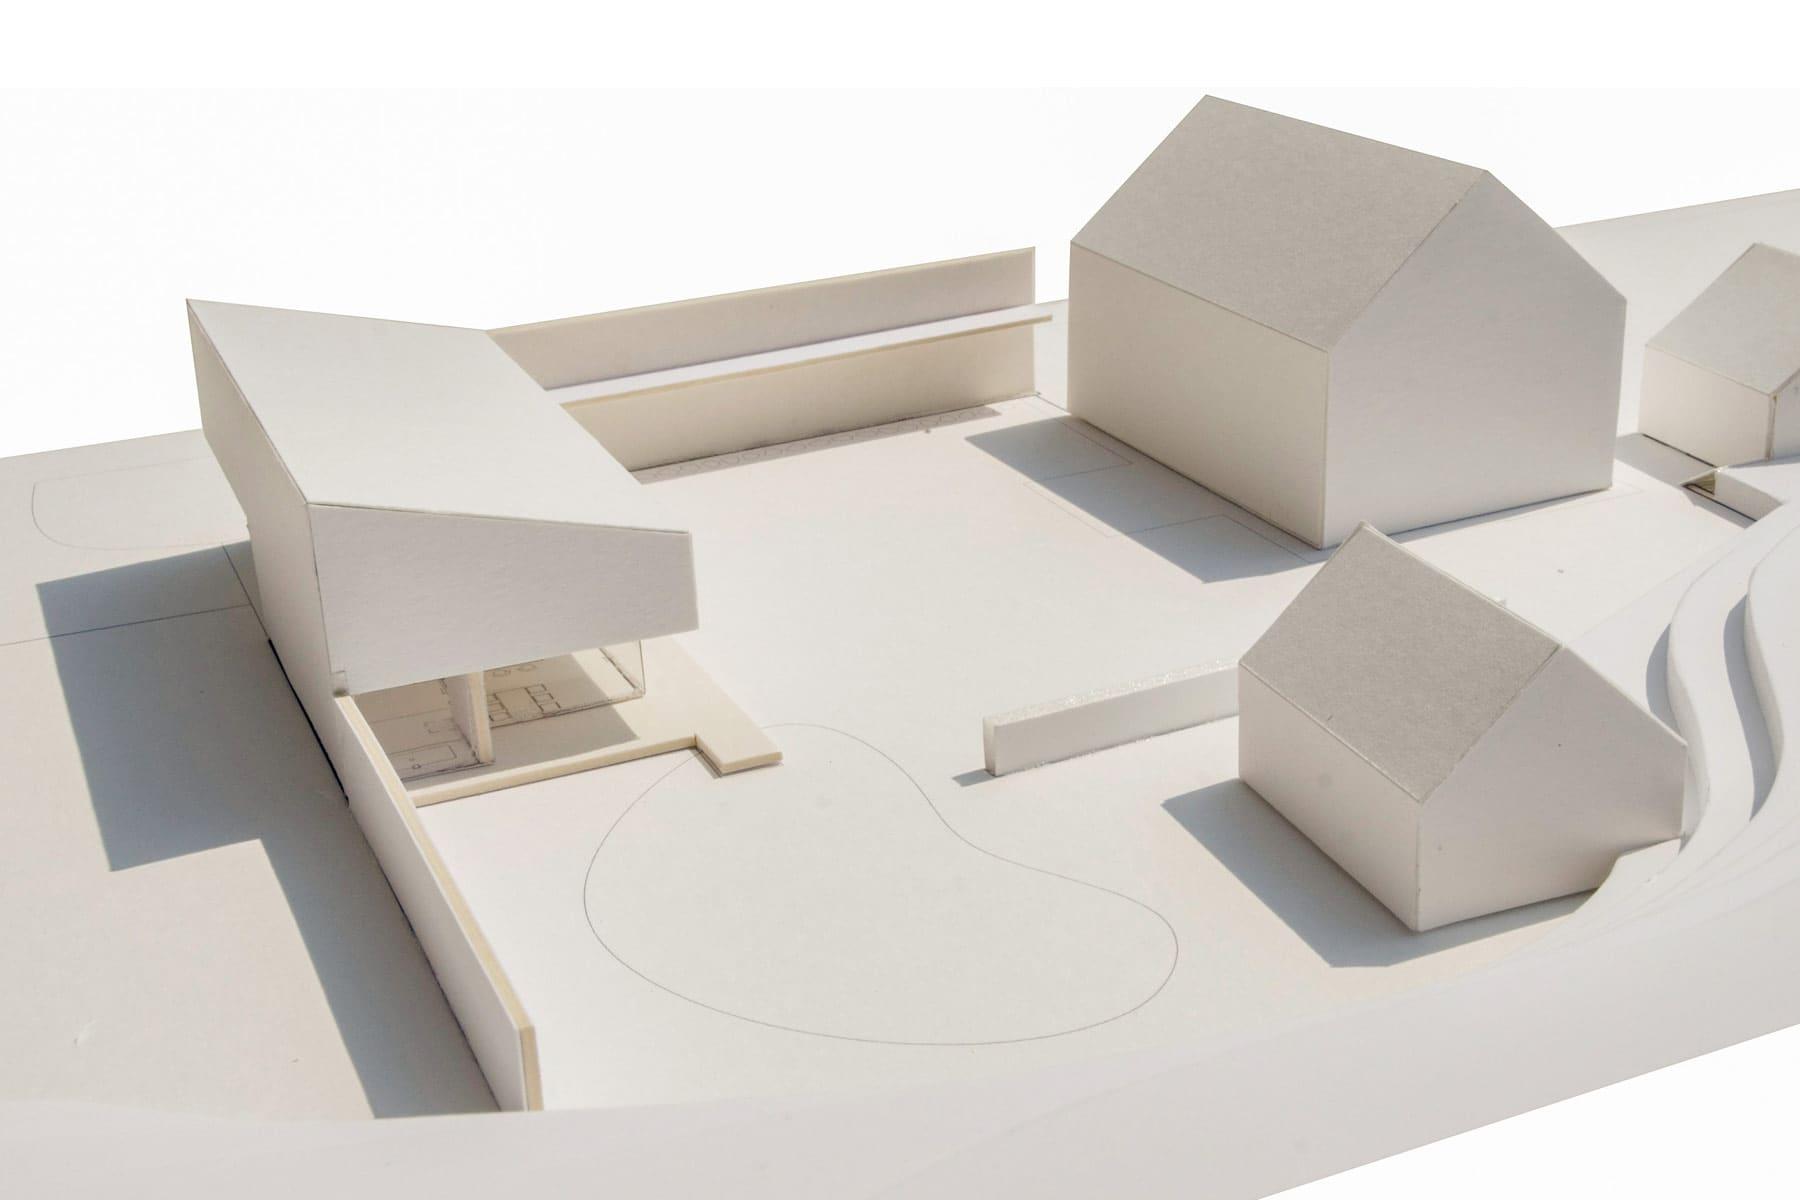 architekt, haus, badehaus, architektenhaus, entwurf, landleben, lärmschutz